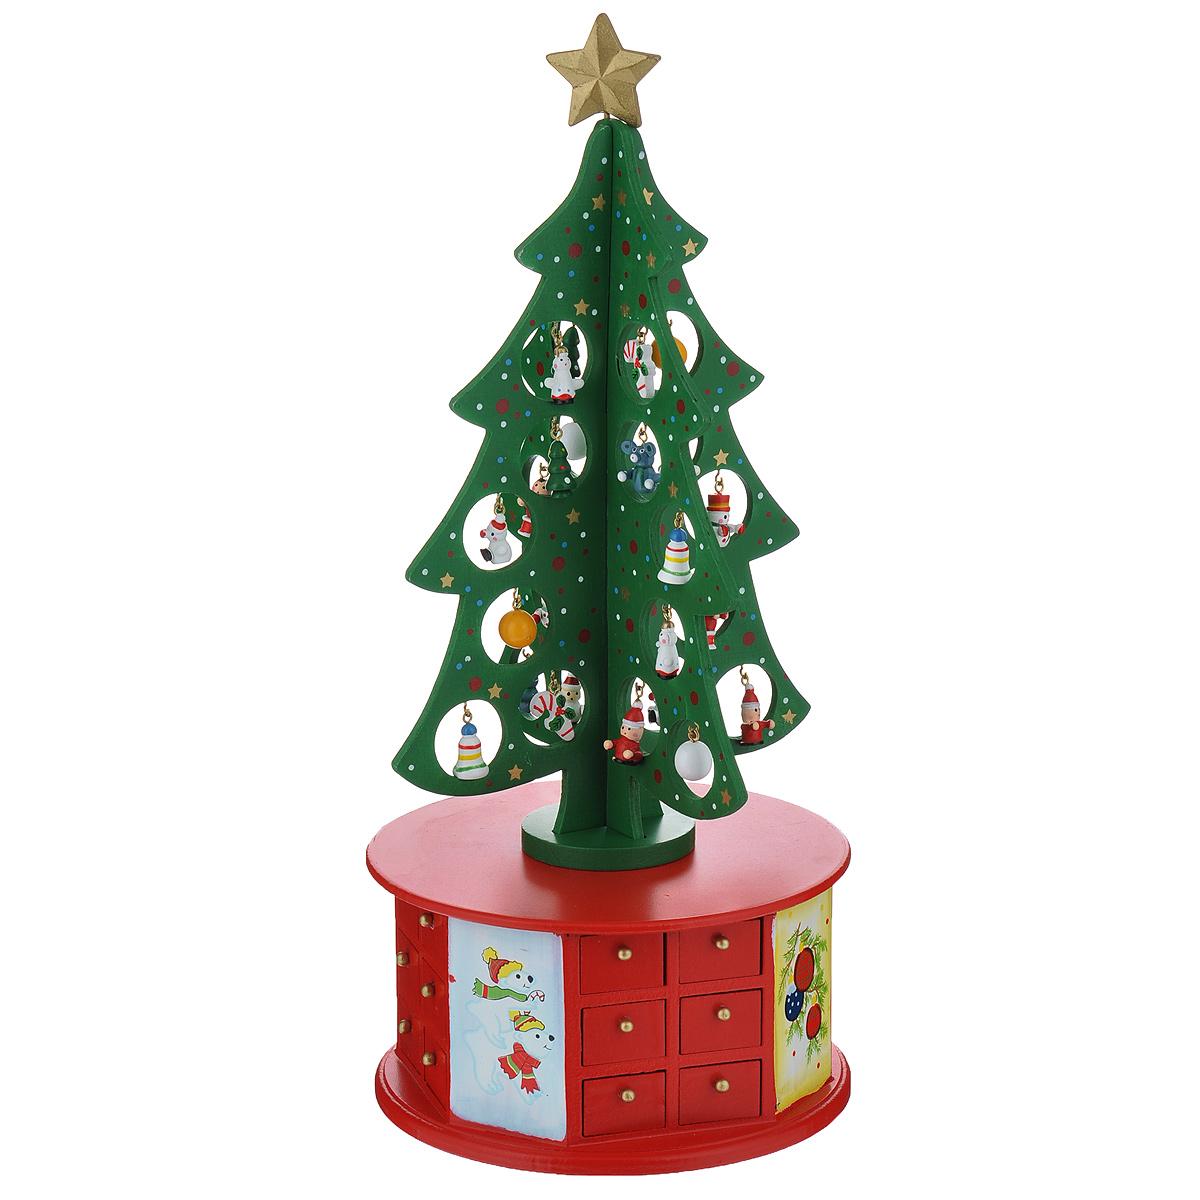 Новогоднее украшение Новогодняя елка, цвет: красный, зеленый. Ф21-2233